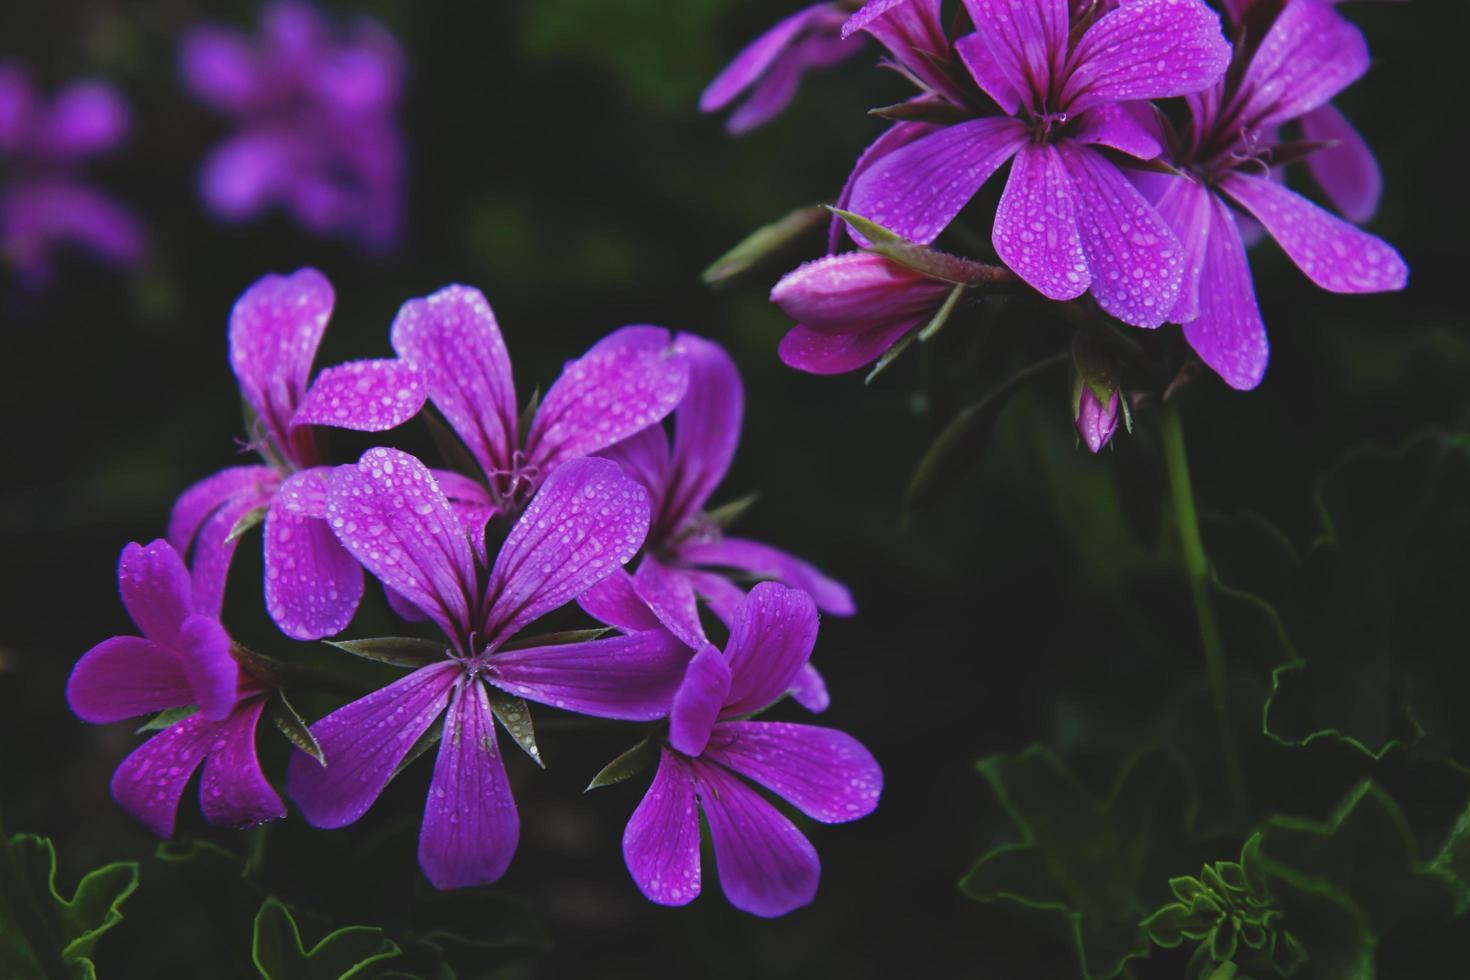 primo piano dei fiori petaled viola foto